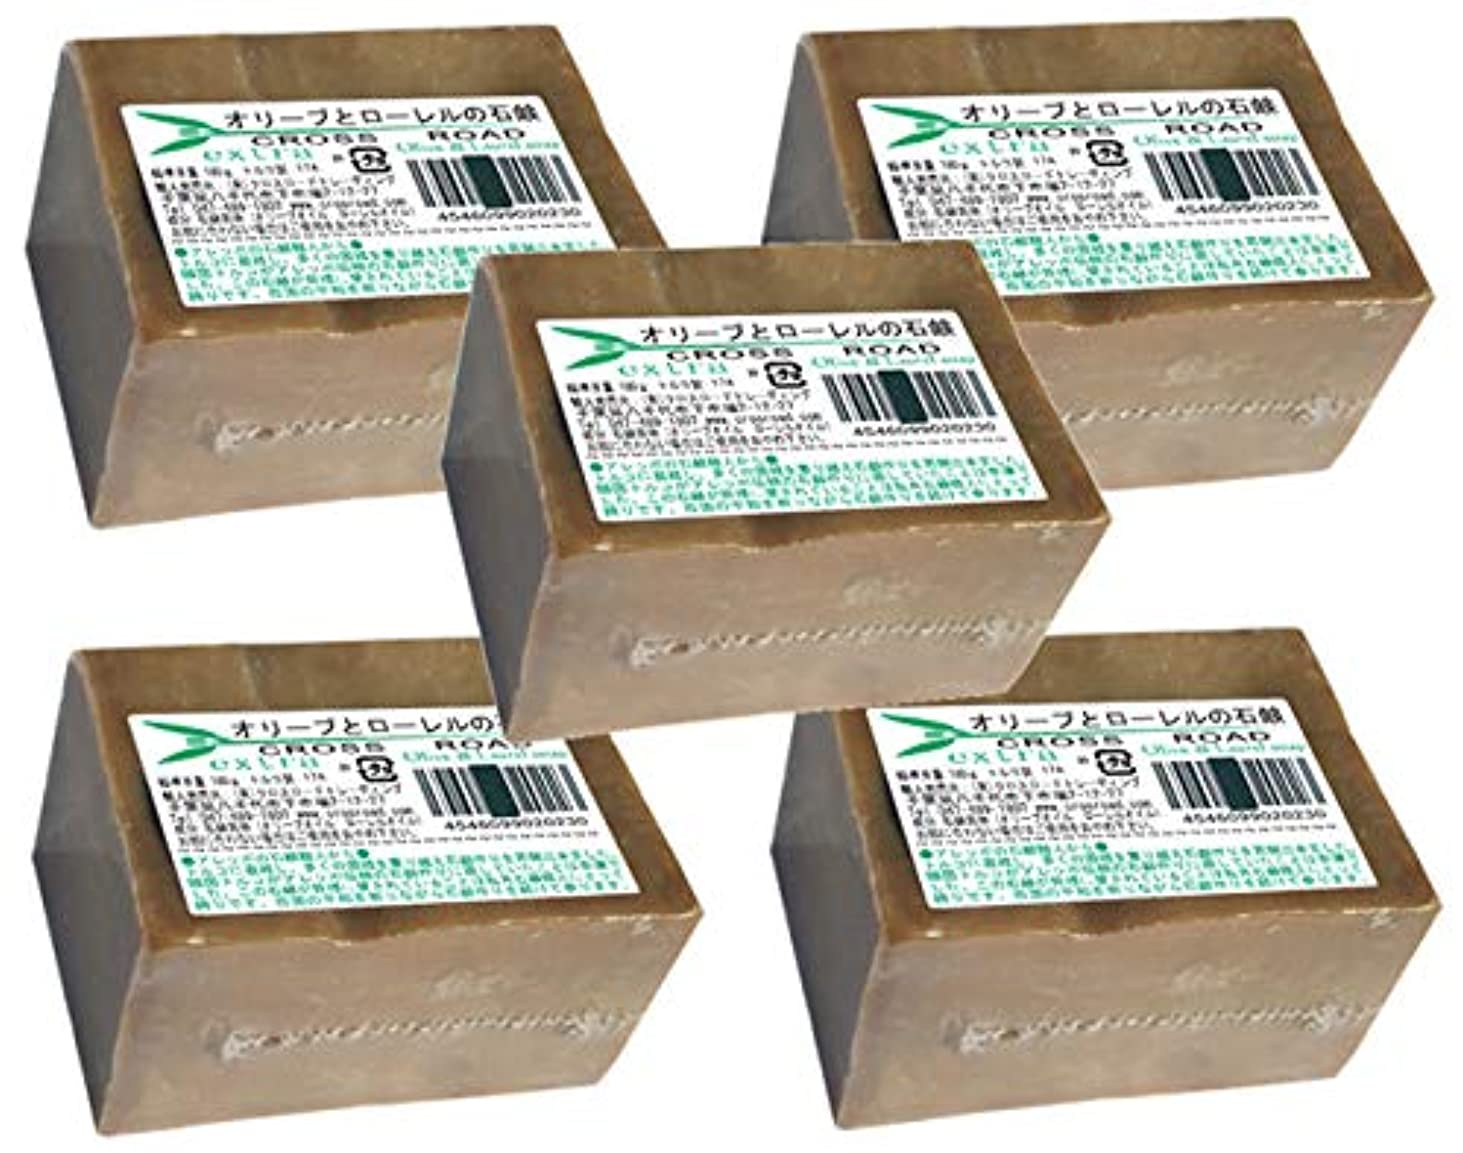 財団プランテーション蒸留するオリーブとローレルの石鹸(エキストラ)5個セット [並行輸入品]